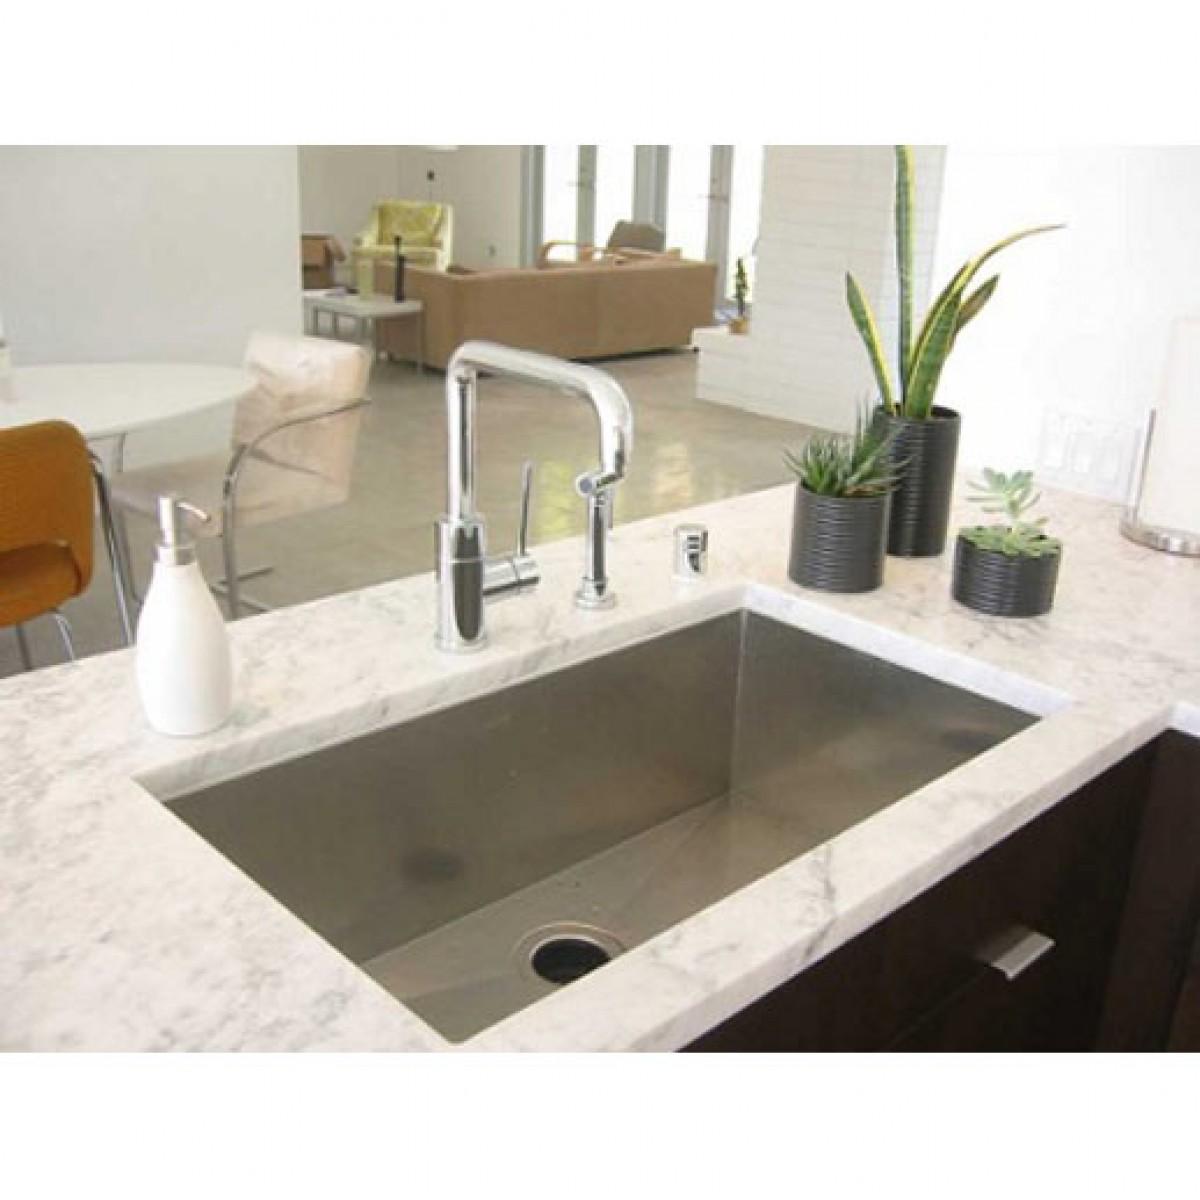 Kitchen Island With Sink Dimensions: 30 Inch Stainless Steel Undermount Single Bowl Kitchen Sink Zero Radius Design